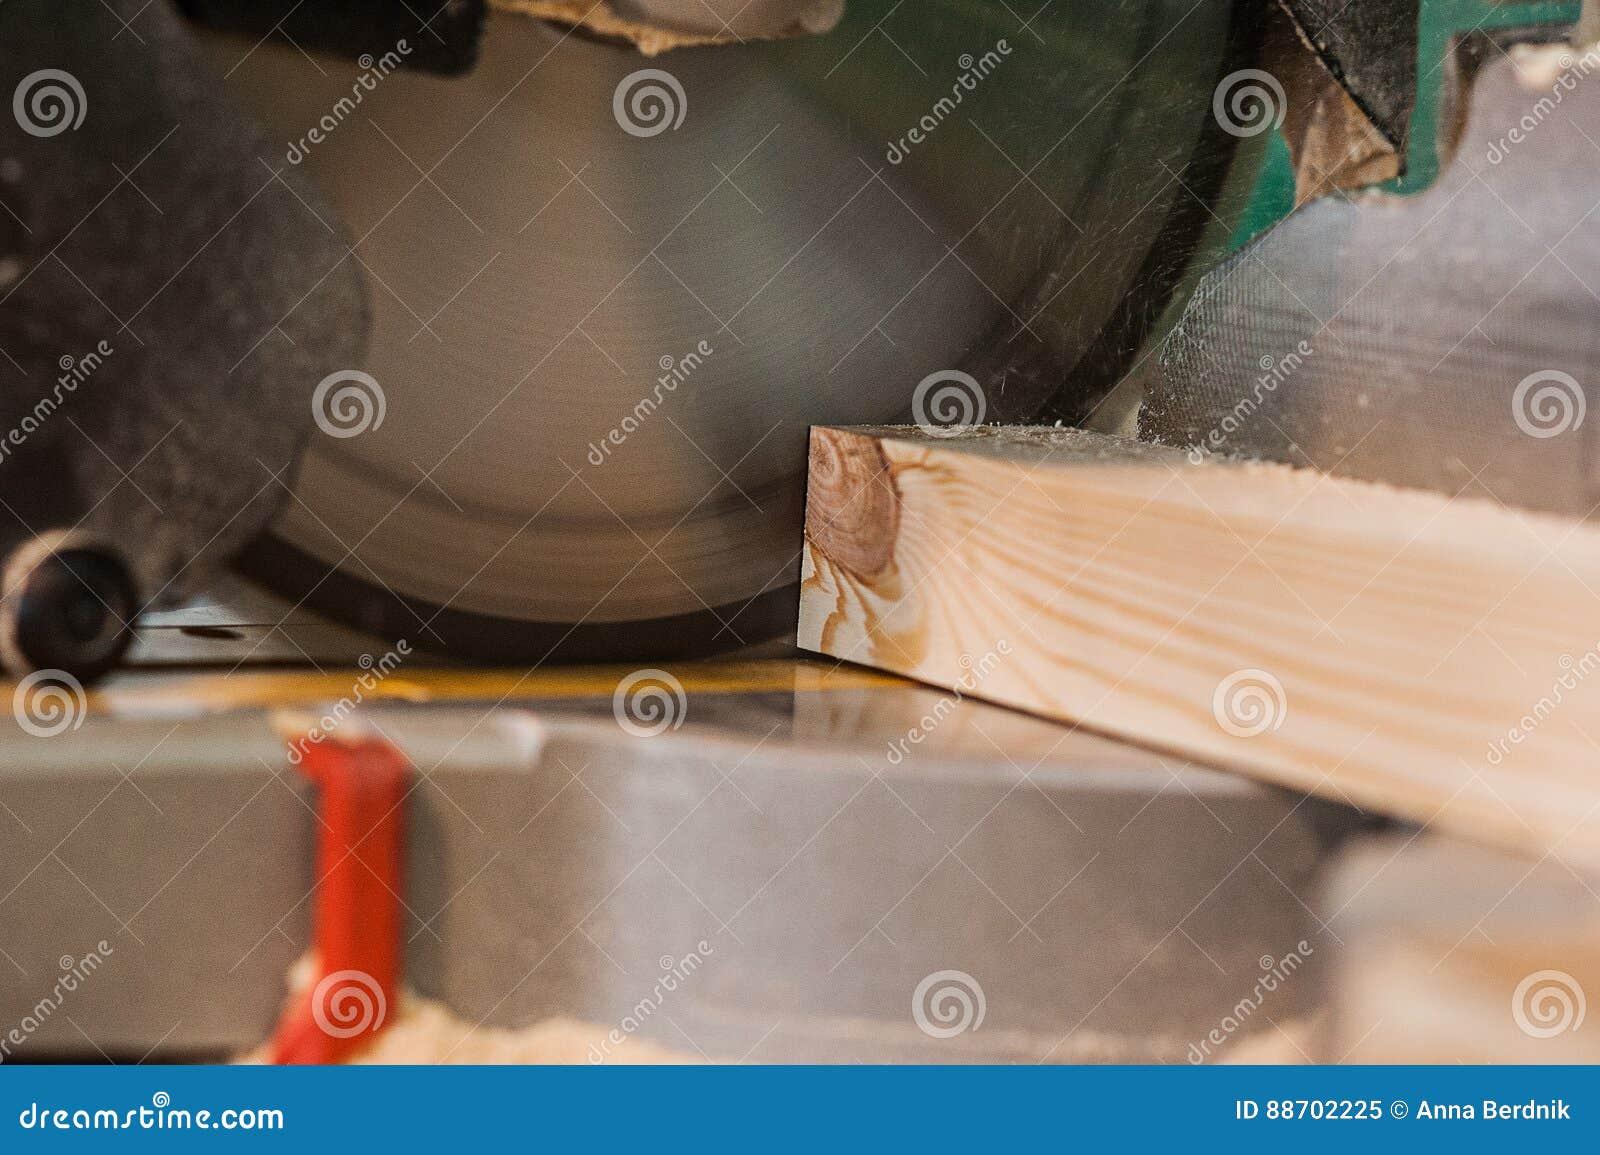 Cirkelsåg med träen strål- och mätaskala